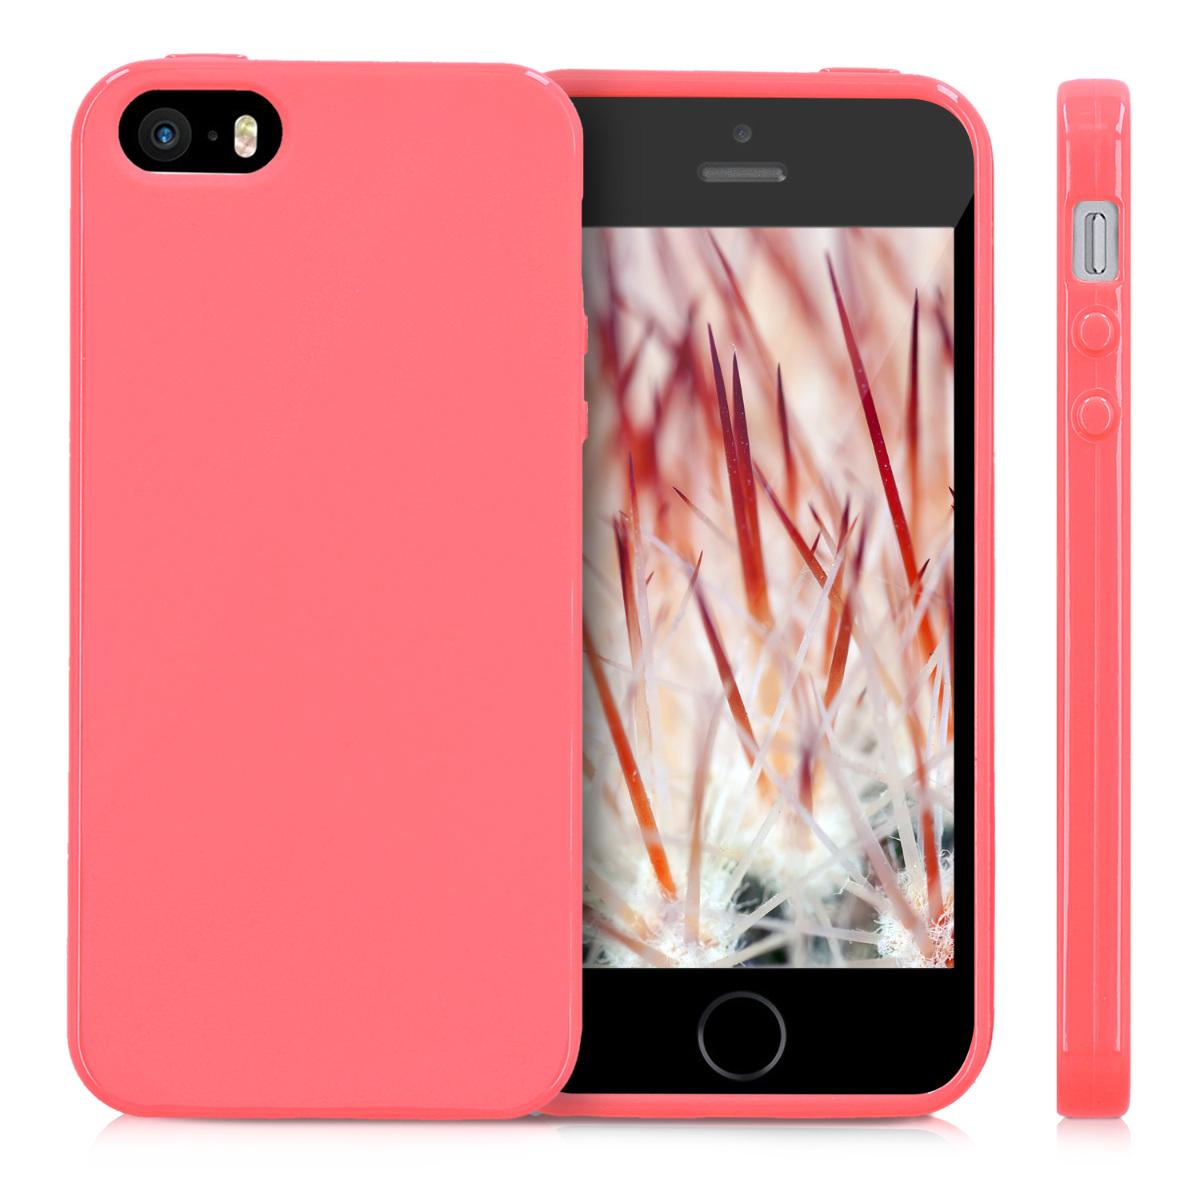 preis für apple iphone 5